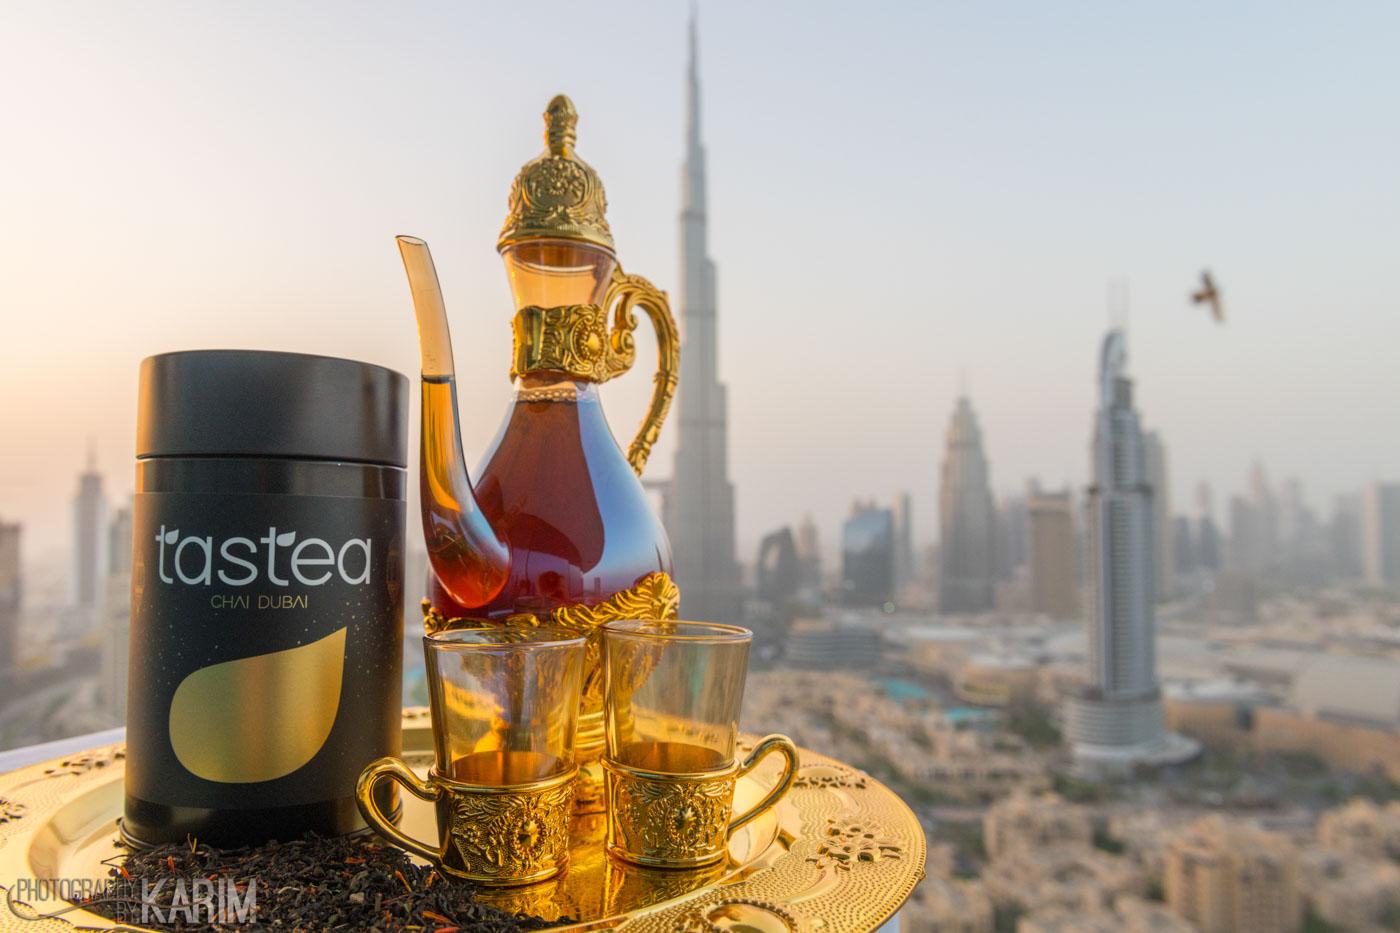 Tastea – Chai Dubai